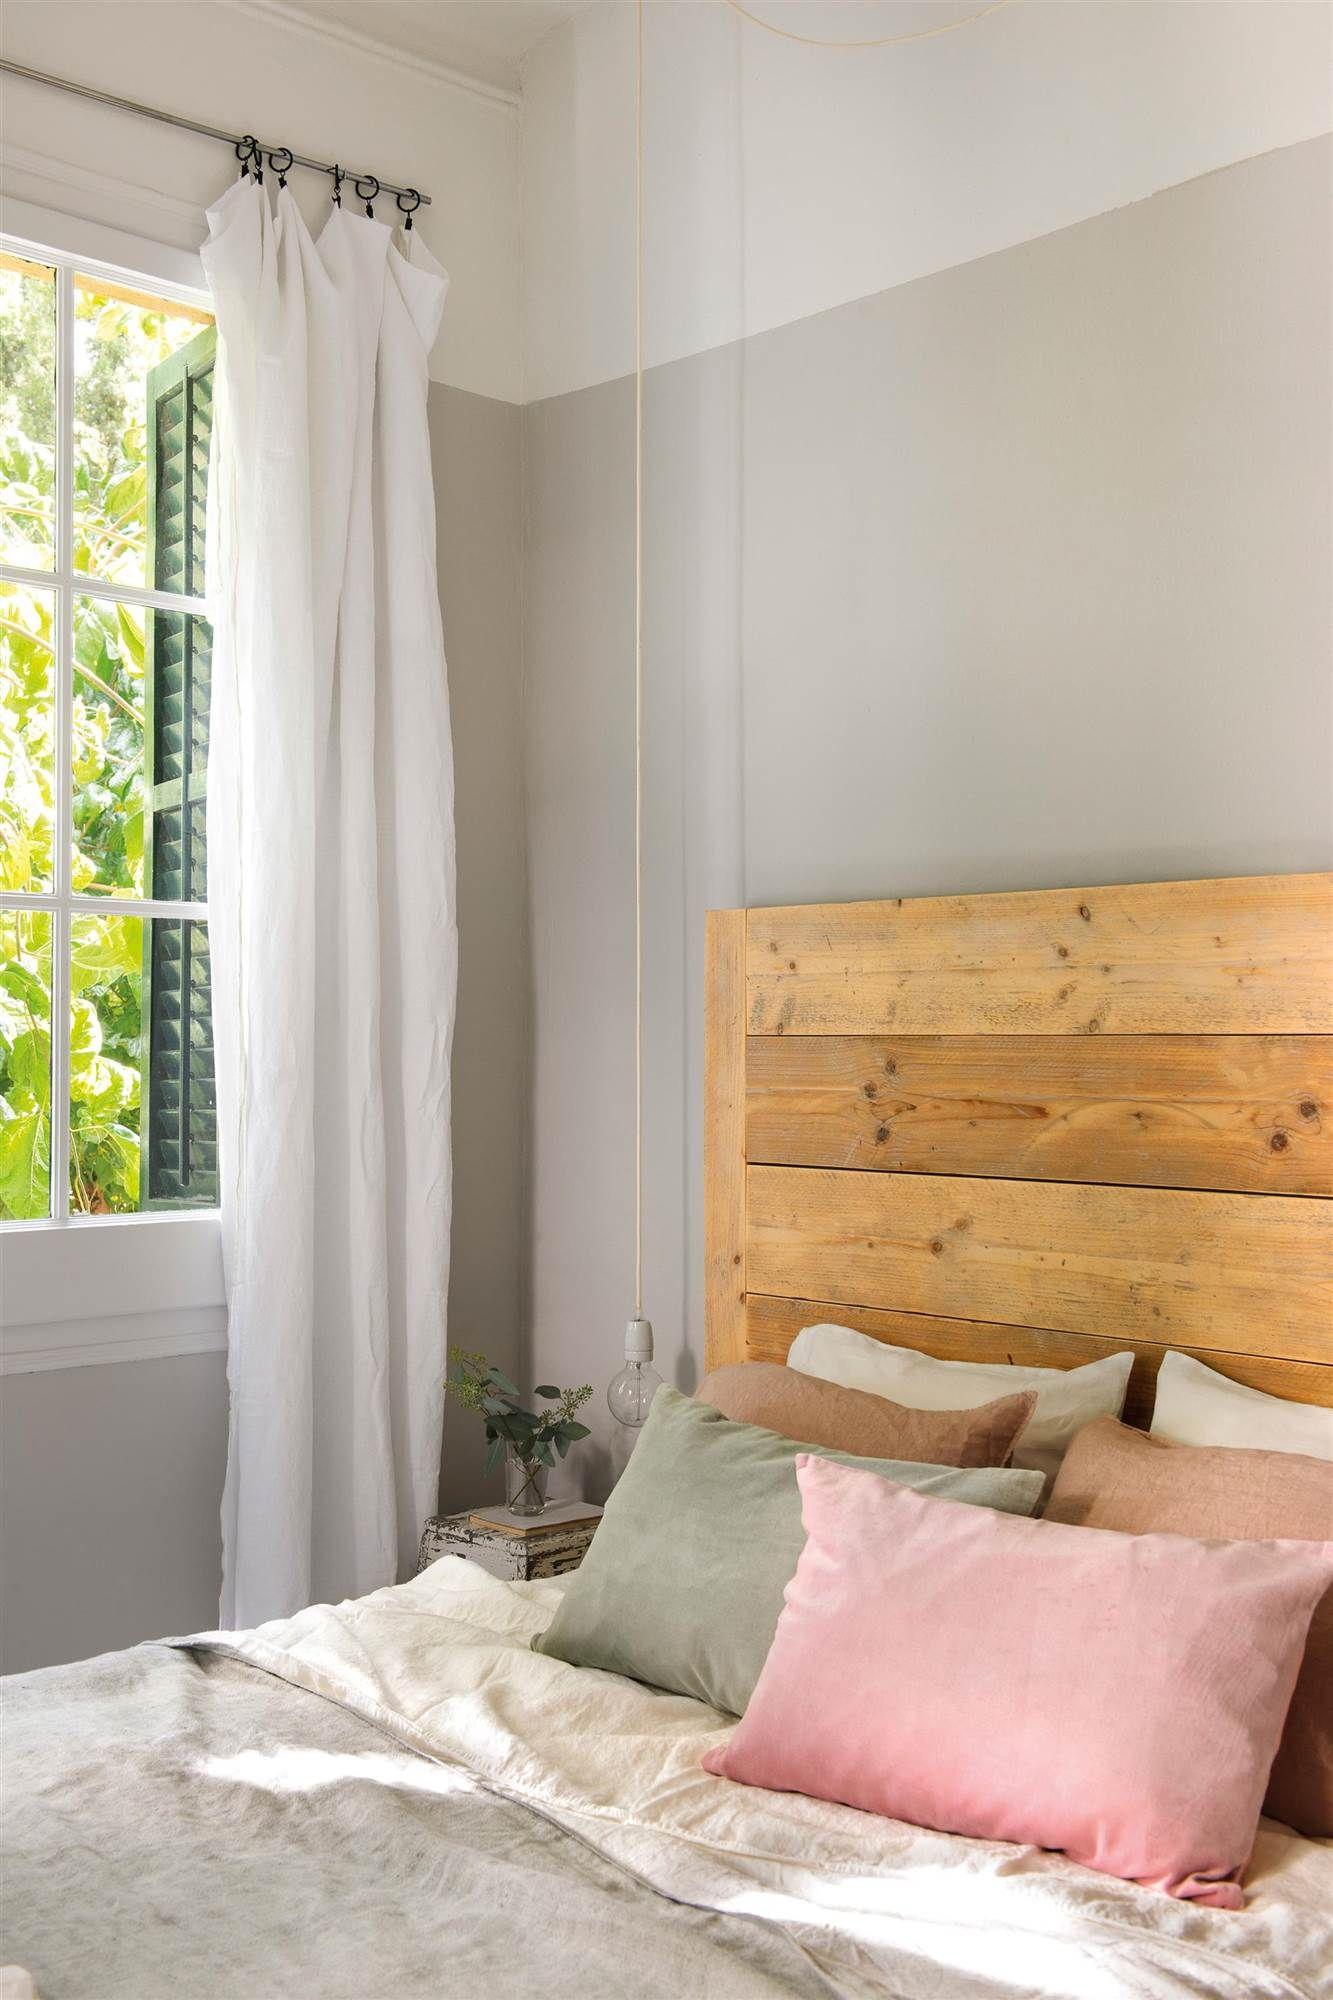 Dormitorio pintado en gris y blanco 00451215 pintura for Dormitorios pintados en gris